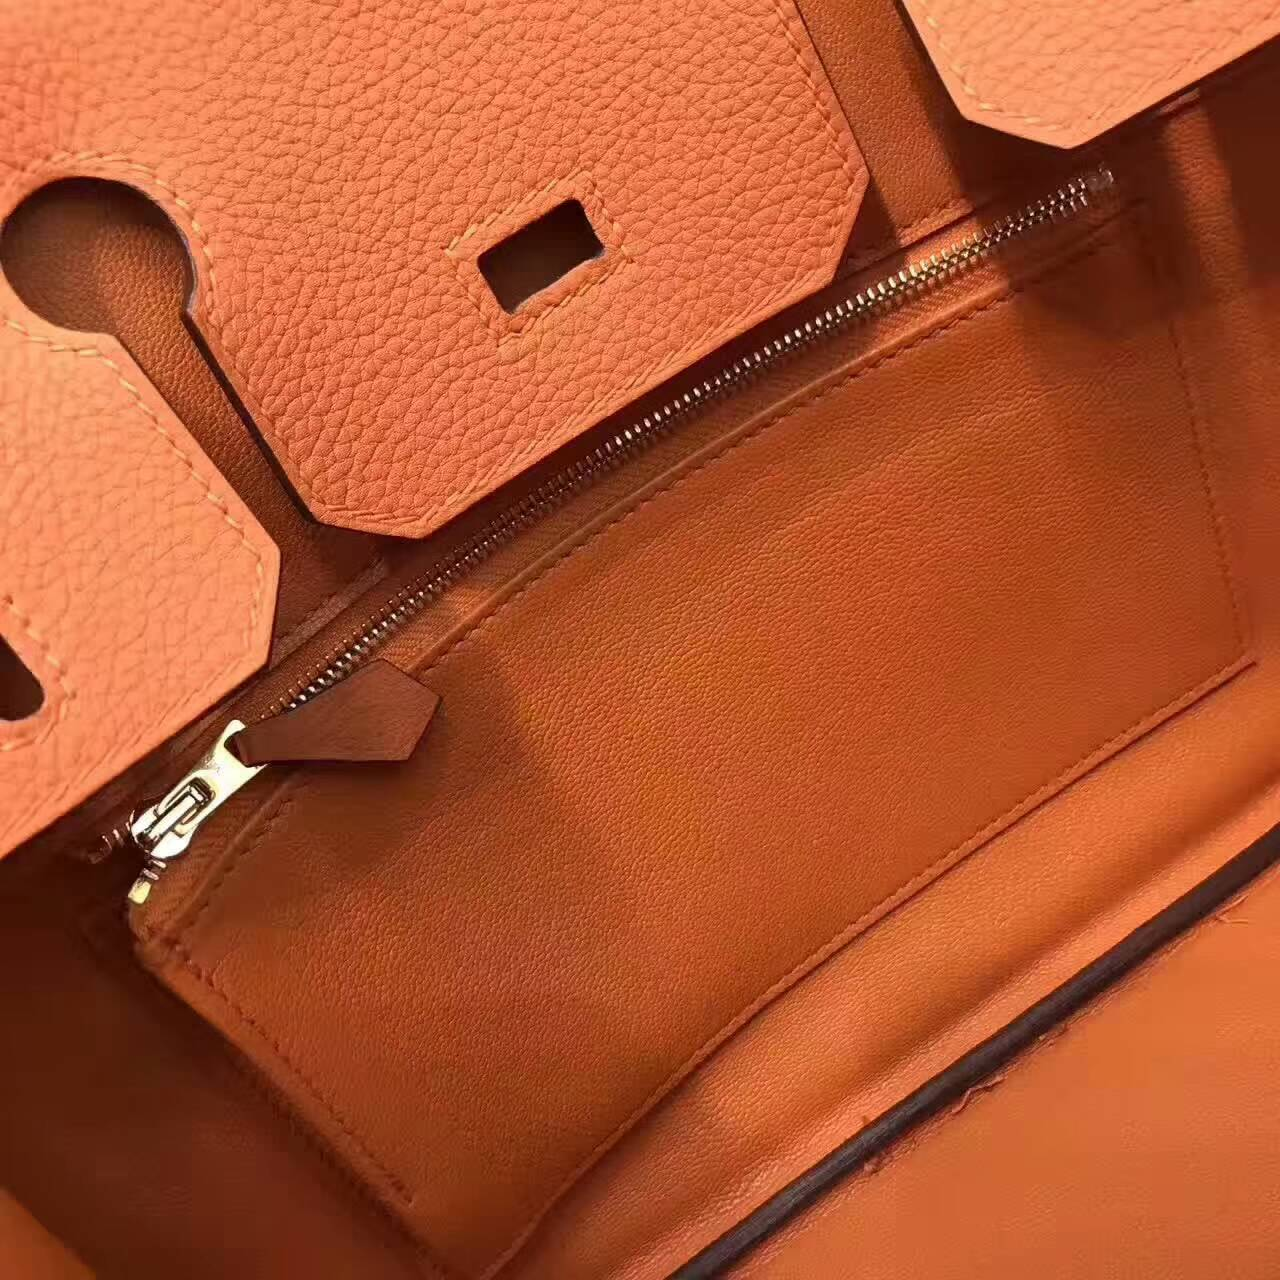 爱马仕铂金包 Birkin 30cm Togo 法国原产小牛皮 93 Orange 橙色 银扣